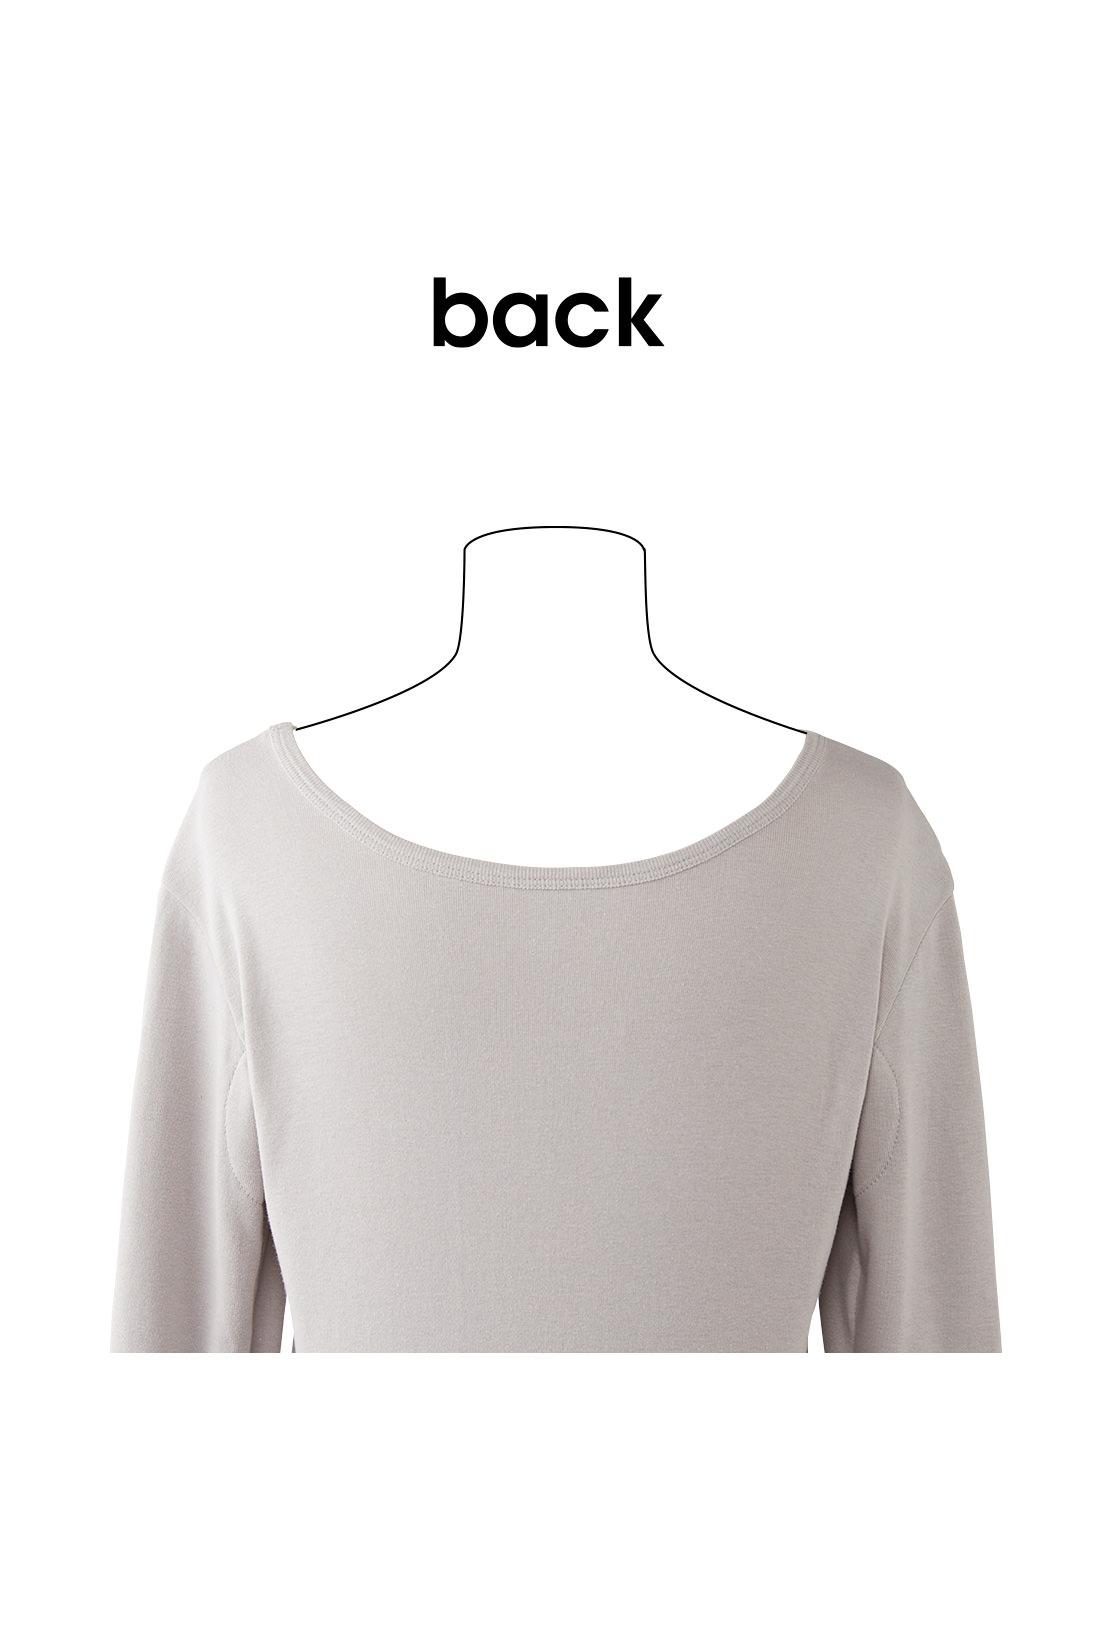 ぐんと広い首まわりで着こなし安心 前だけでなく、後ろにもぐんと広いネックライン。 ※お届けするカラーとは異なります。